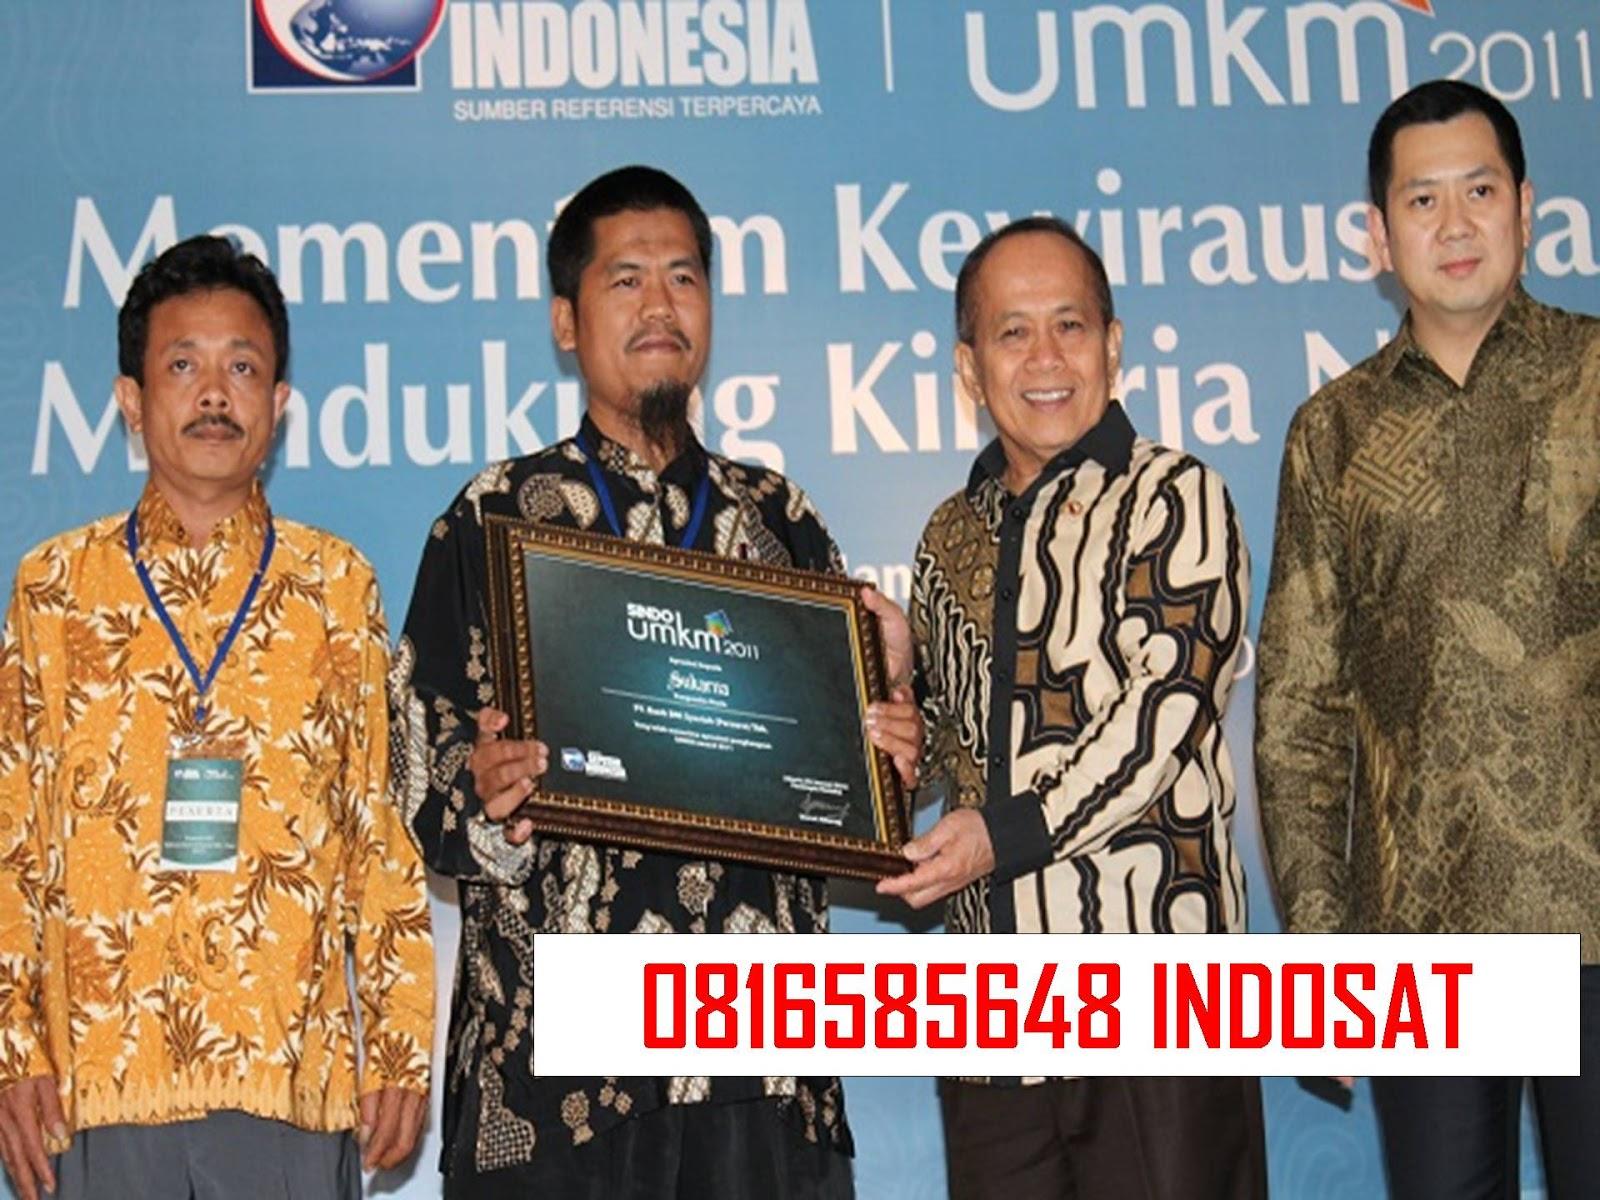 Peluang Usaha Modal Kecil Di Batam 0816 585 648 Indosat